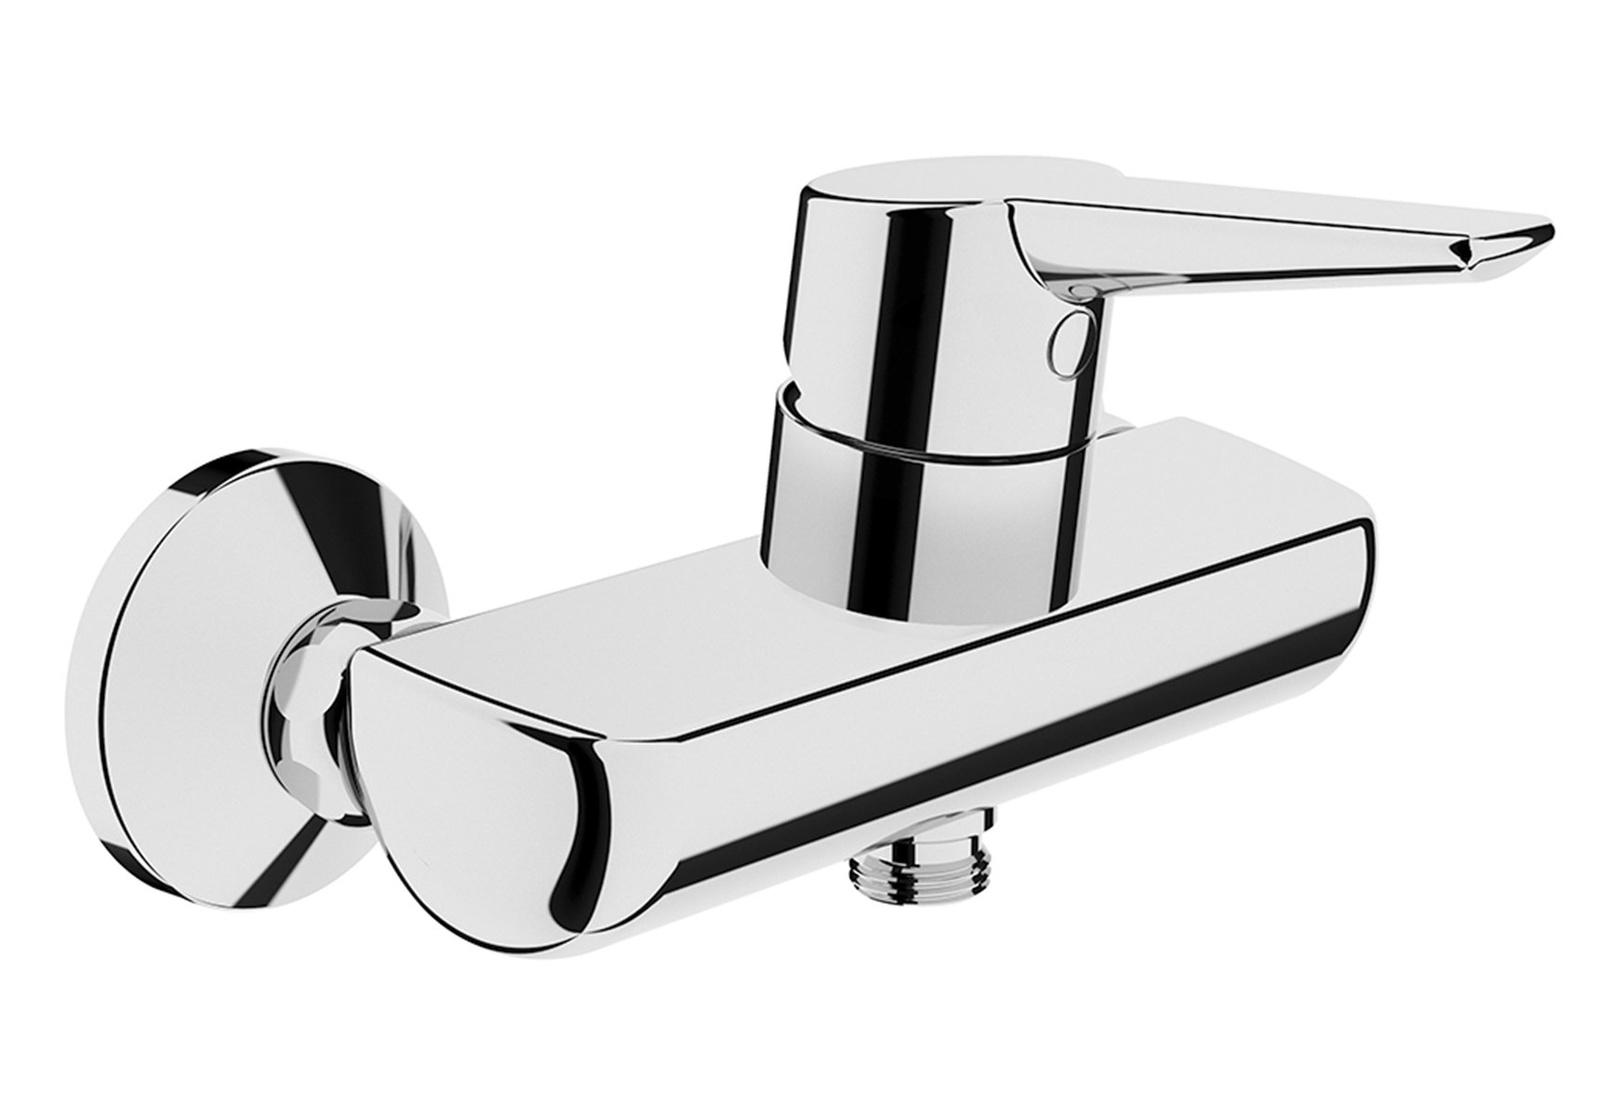 Смеситель для душа Vitra Solid S A42445Exp смеситель для душа vitra t4 a42451exp